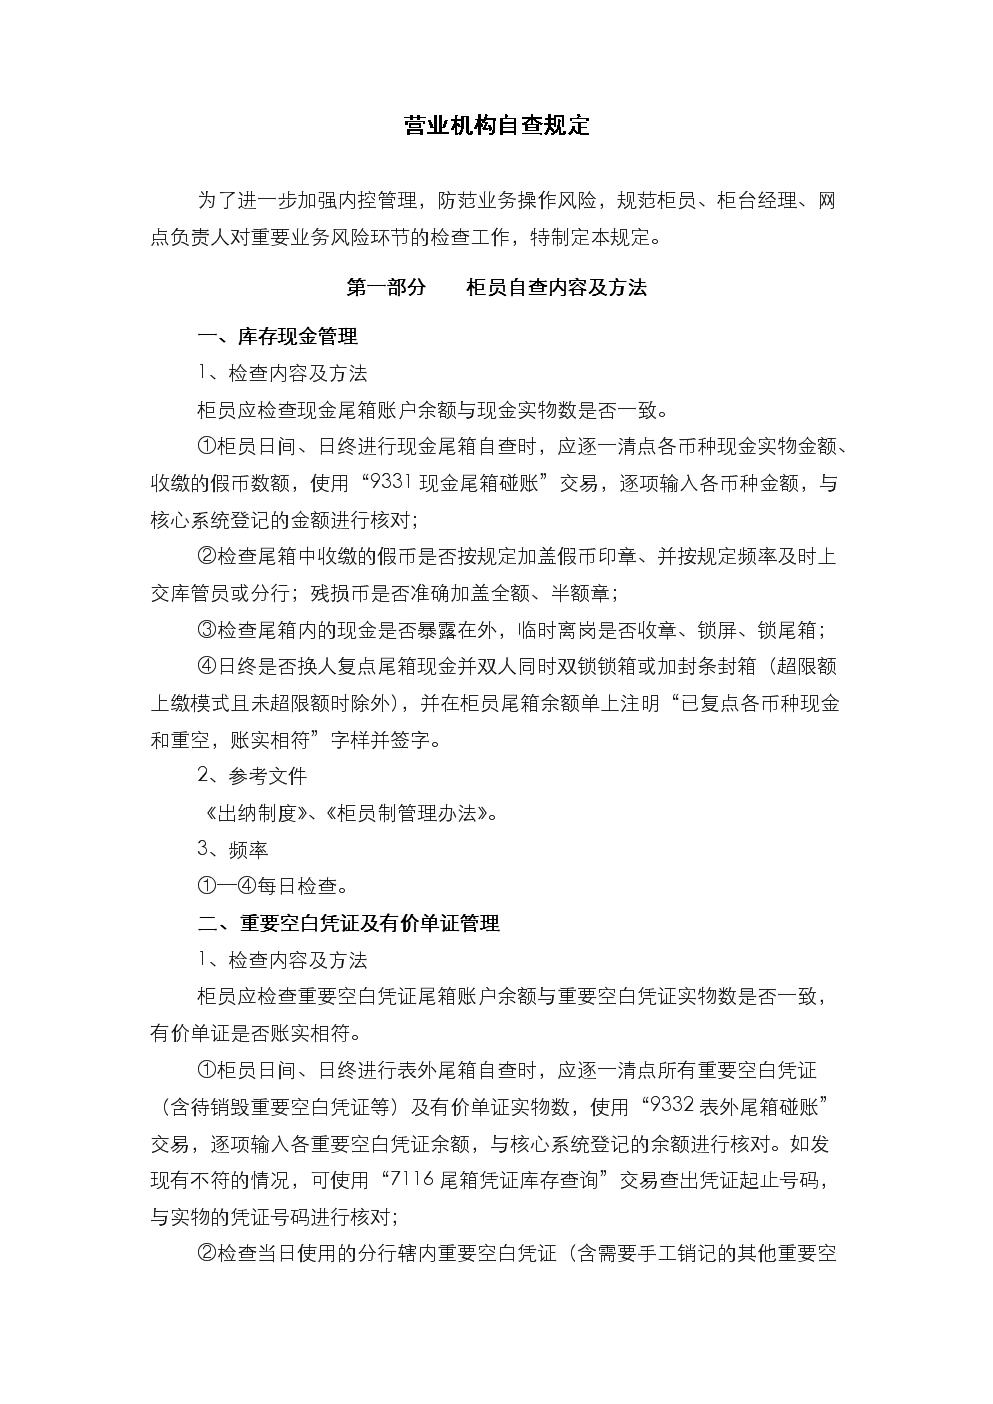 银行营业机构自查规定模版.doc